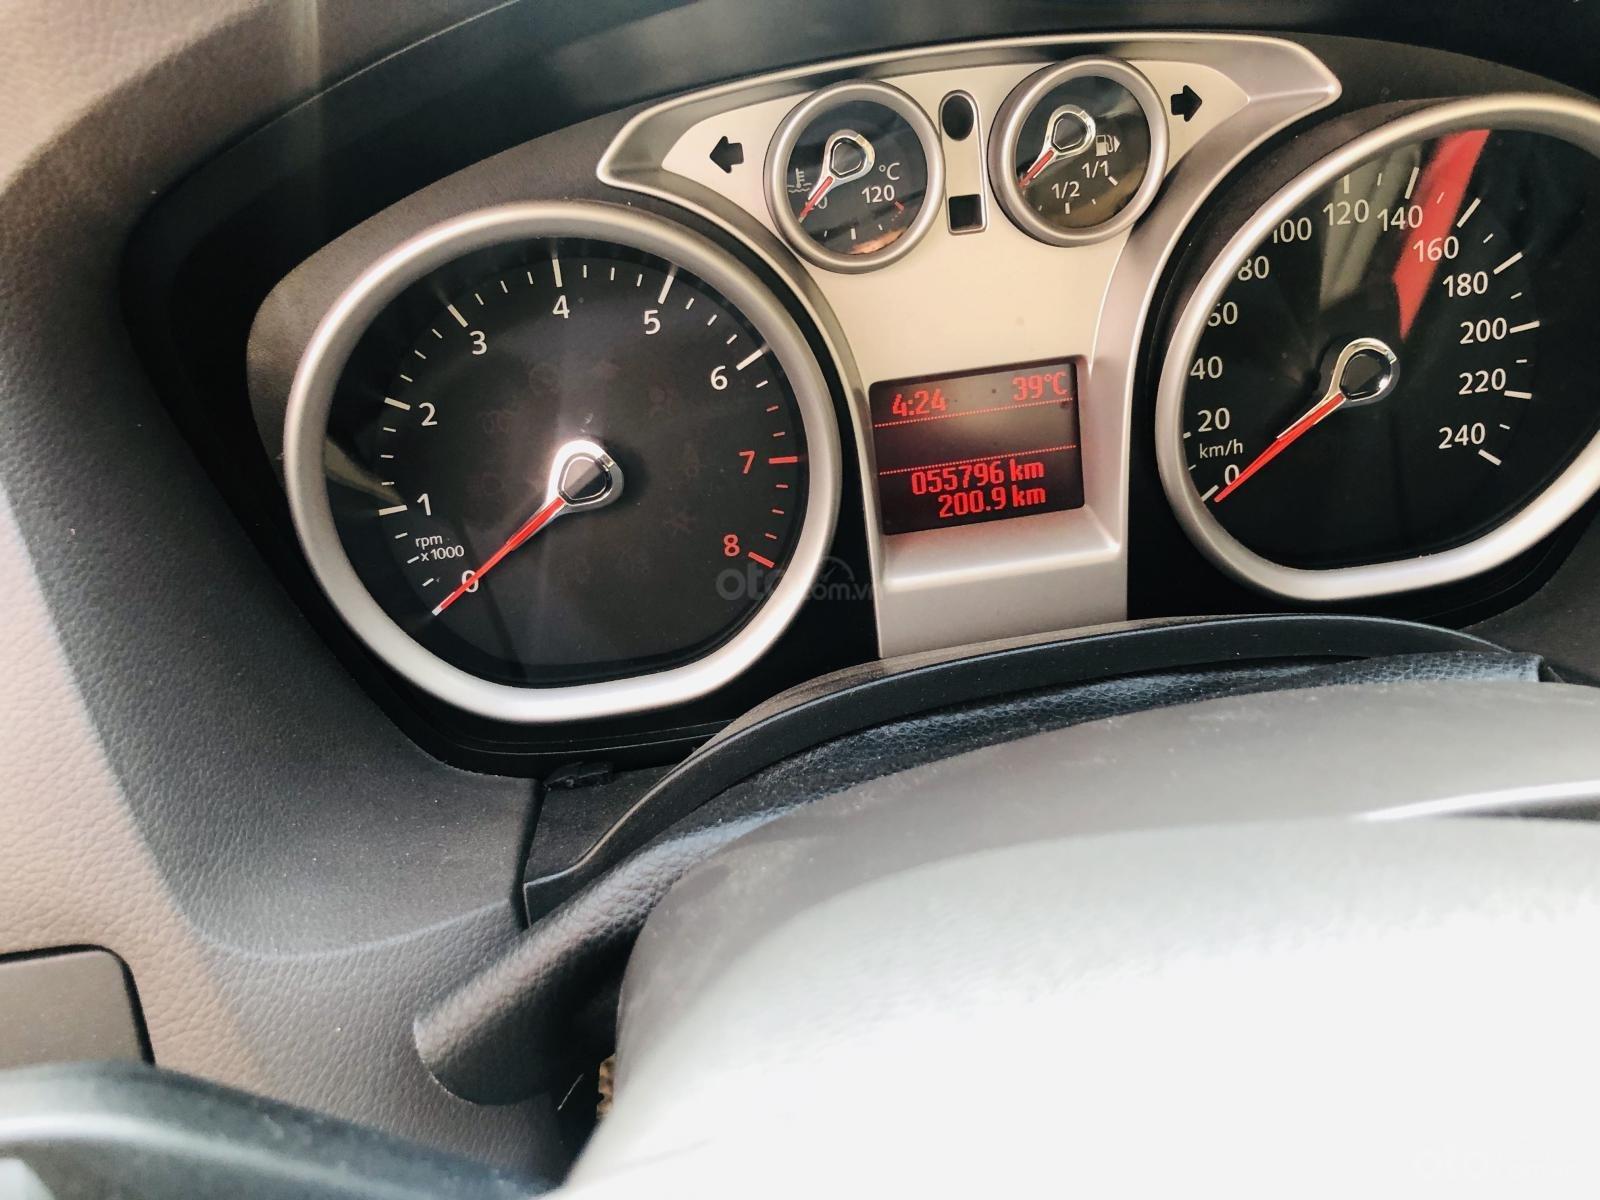 Cần bán lại xe Ford Focus sản xuất 2010 mới 95% giá tốt 340 triệu đồng (3)